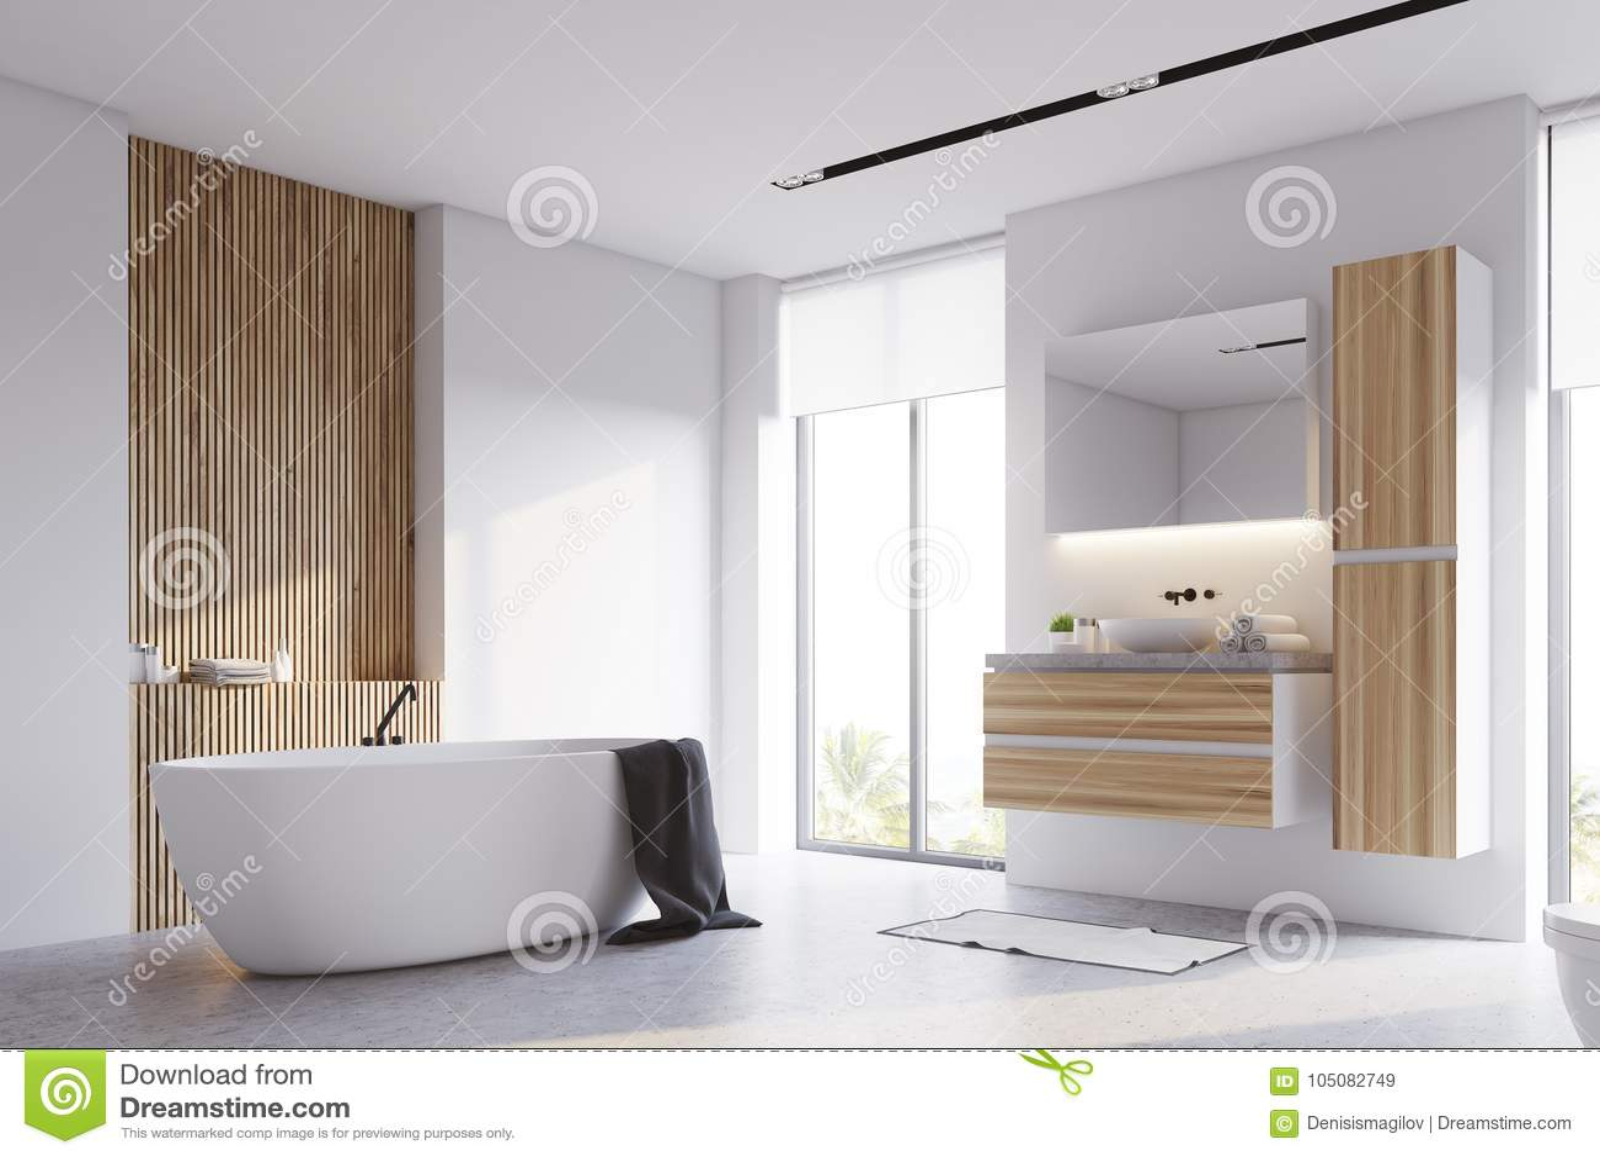 Bagno Legno Bianco : Angolo bianco e di legno del bagno illustrazione di stock